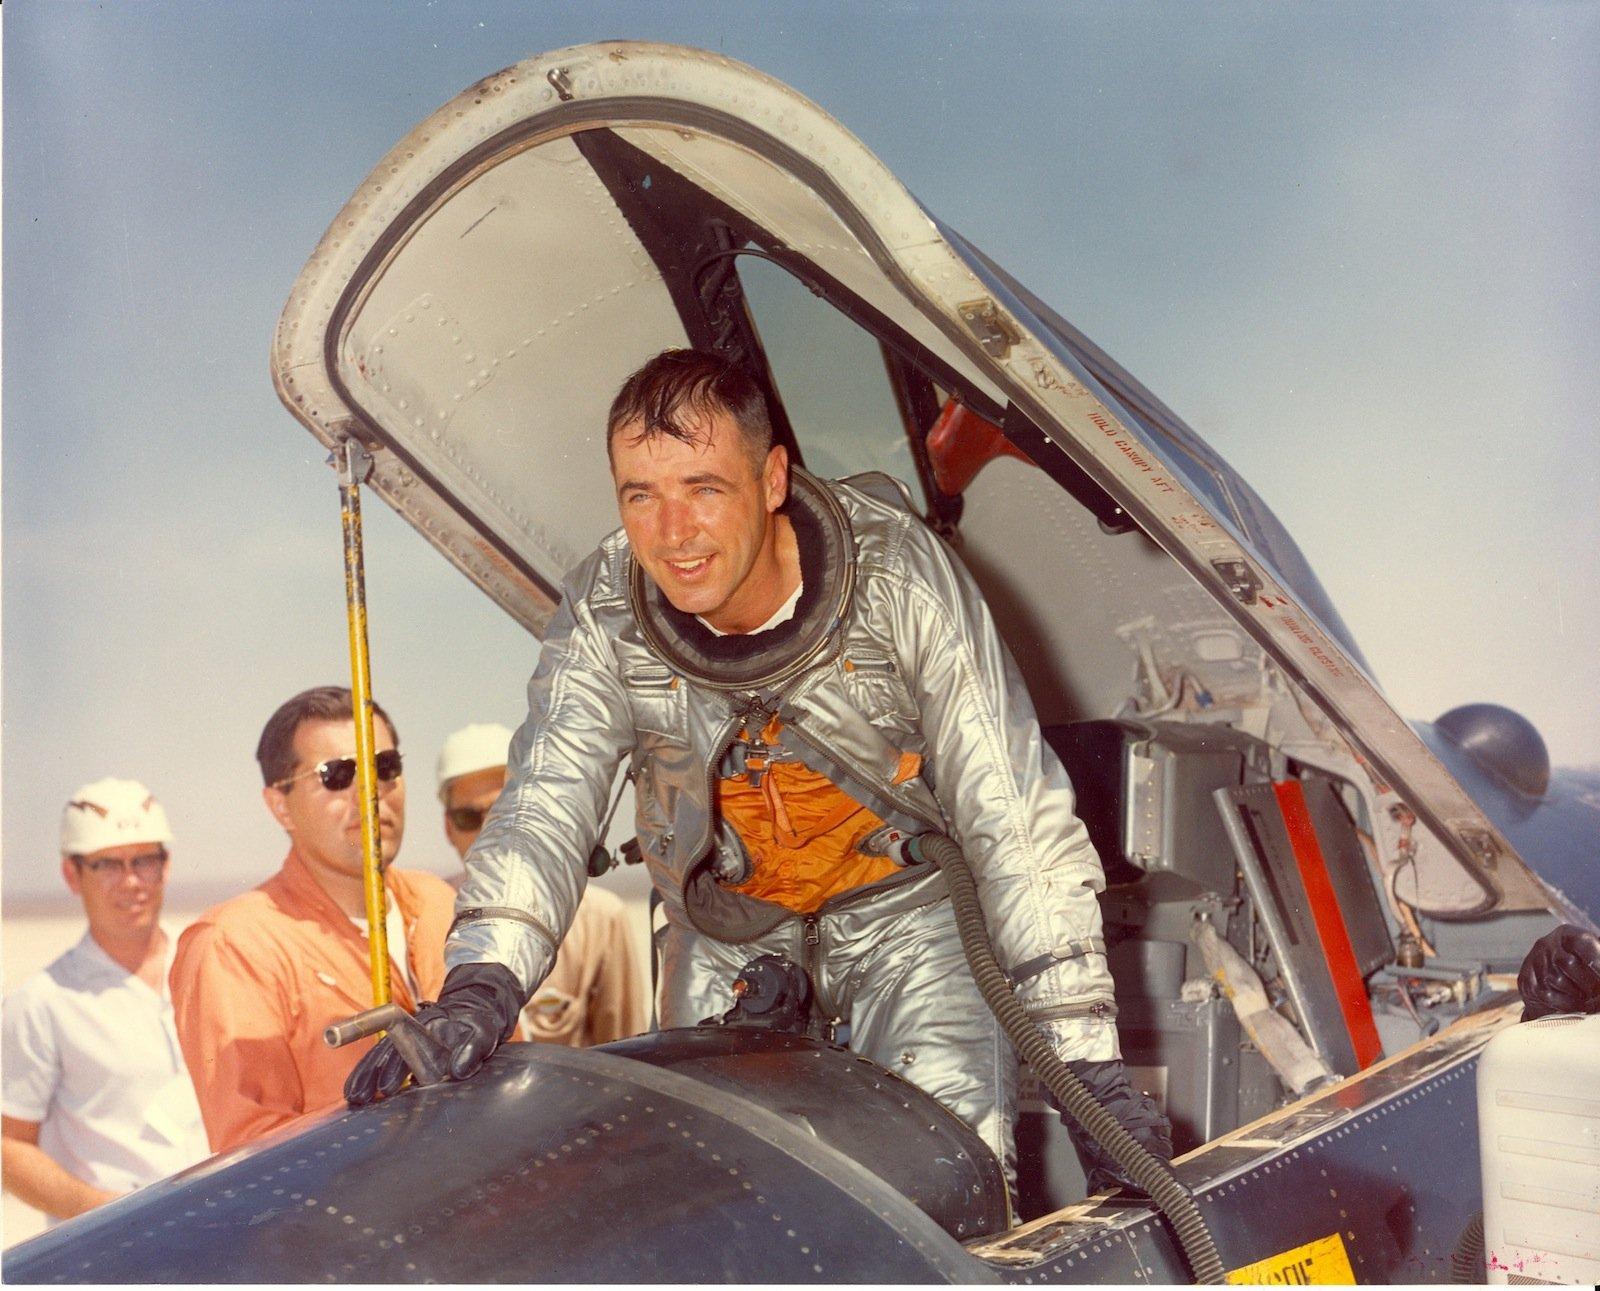 Robert White's X-15